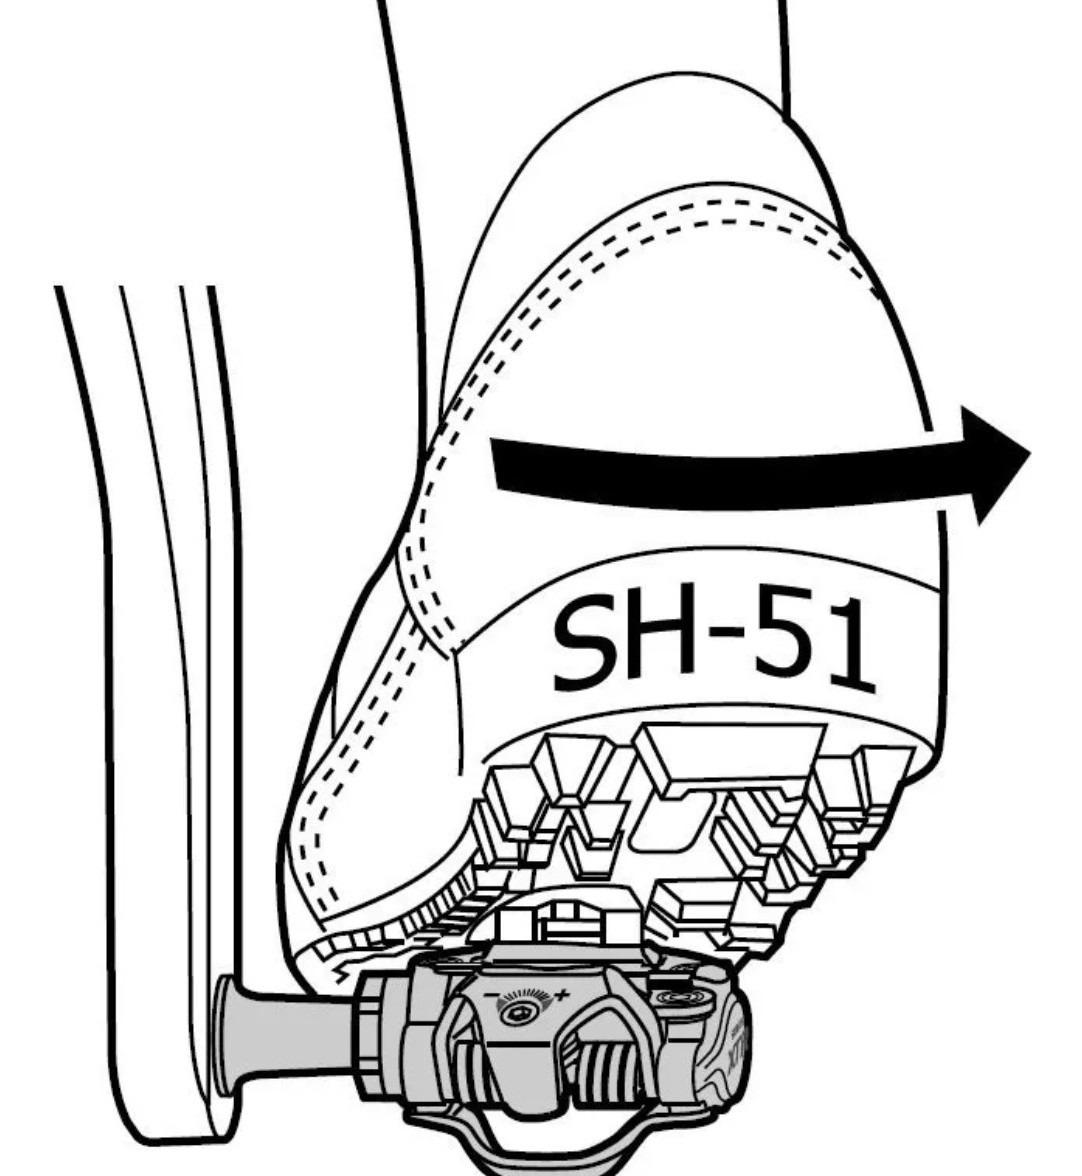 TAQUINHO PARA PEDAL MTB SM-SH51 SEM PORCA DE TACO